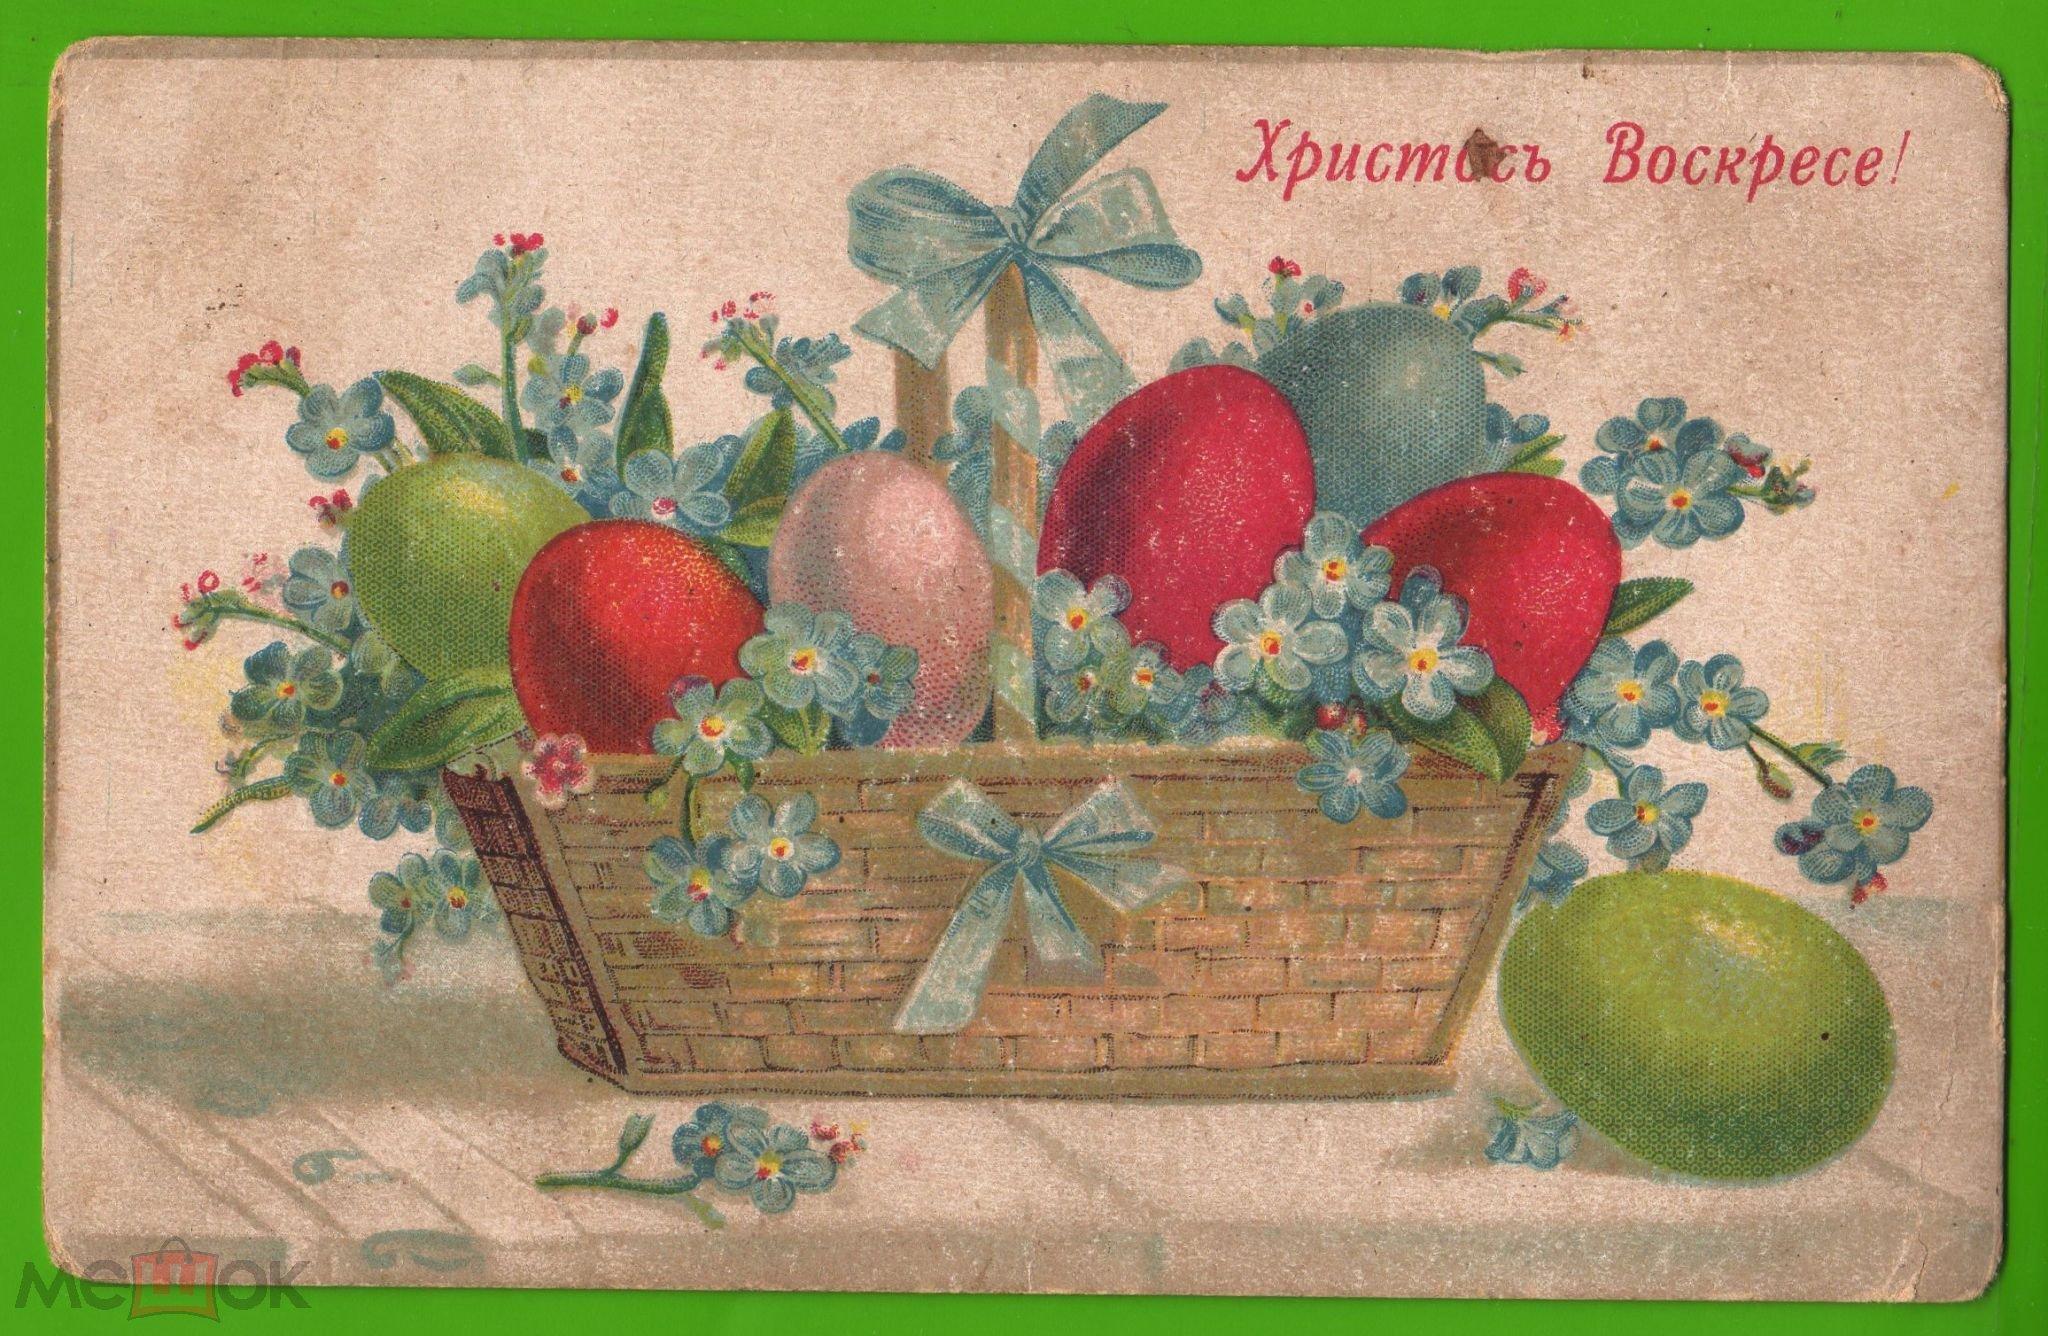 Воистину воскресе старинные открытки